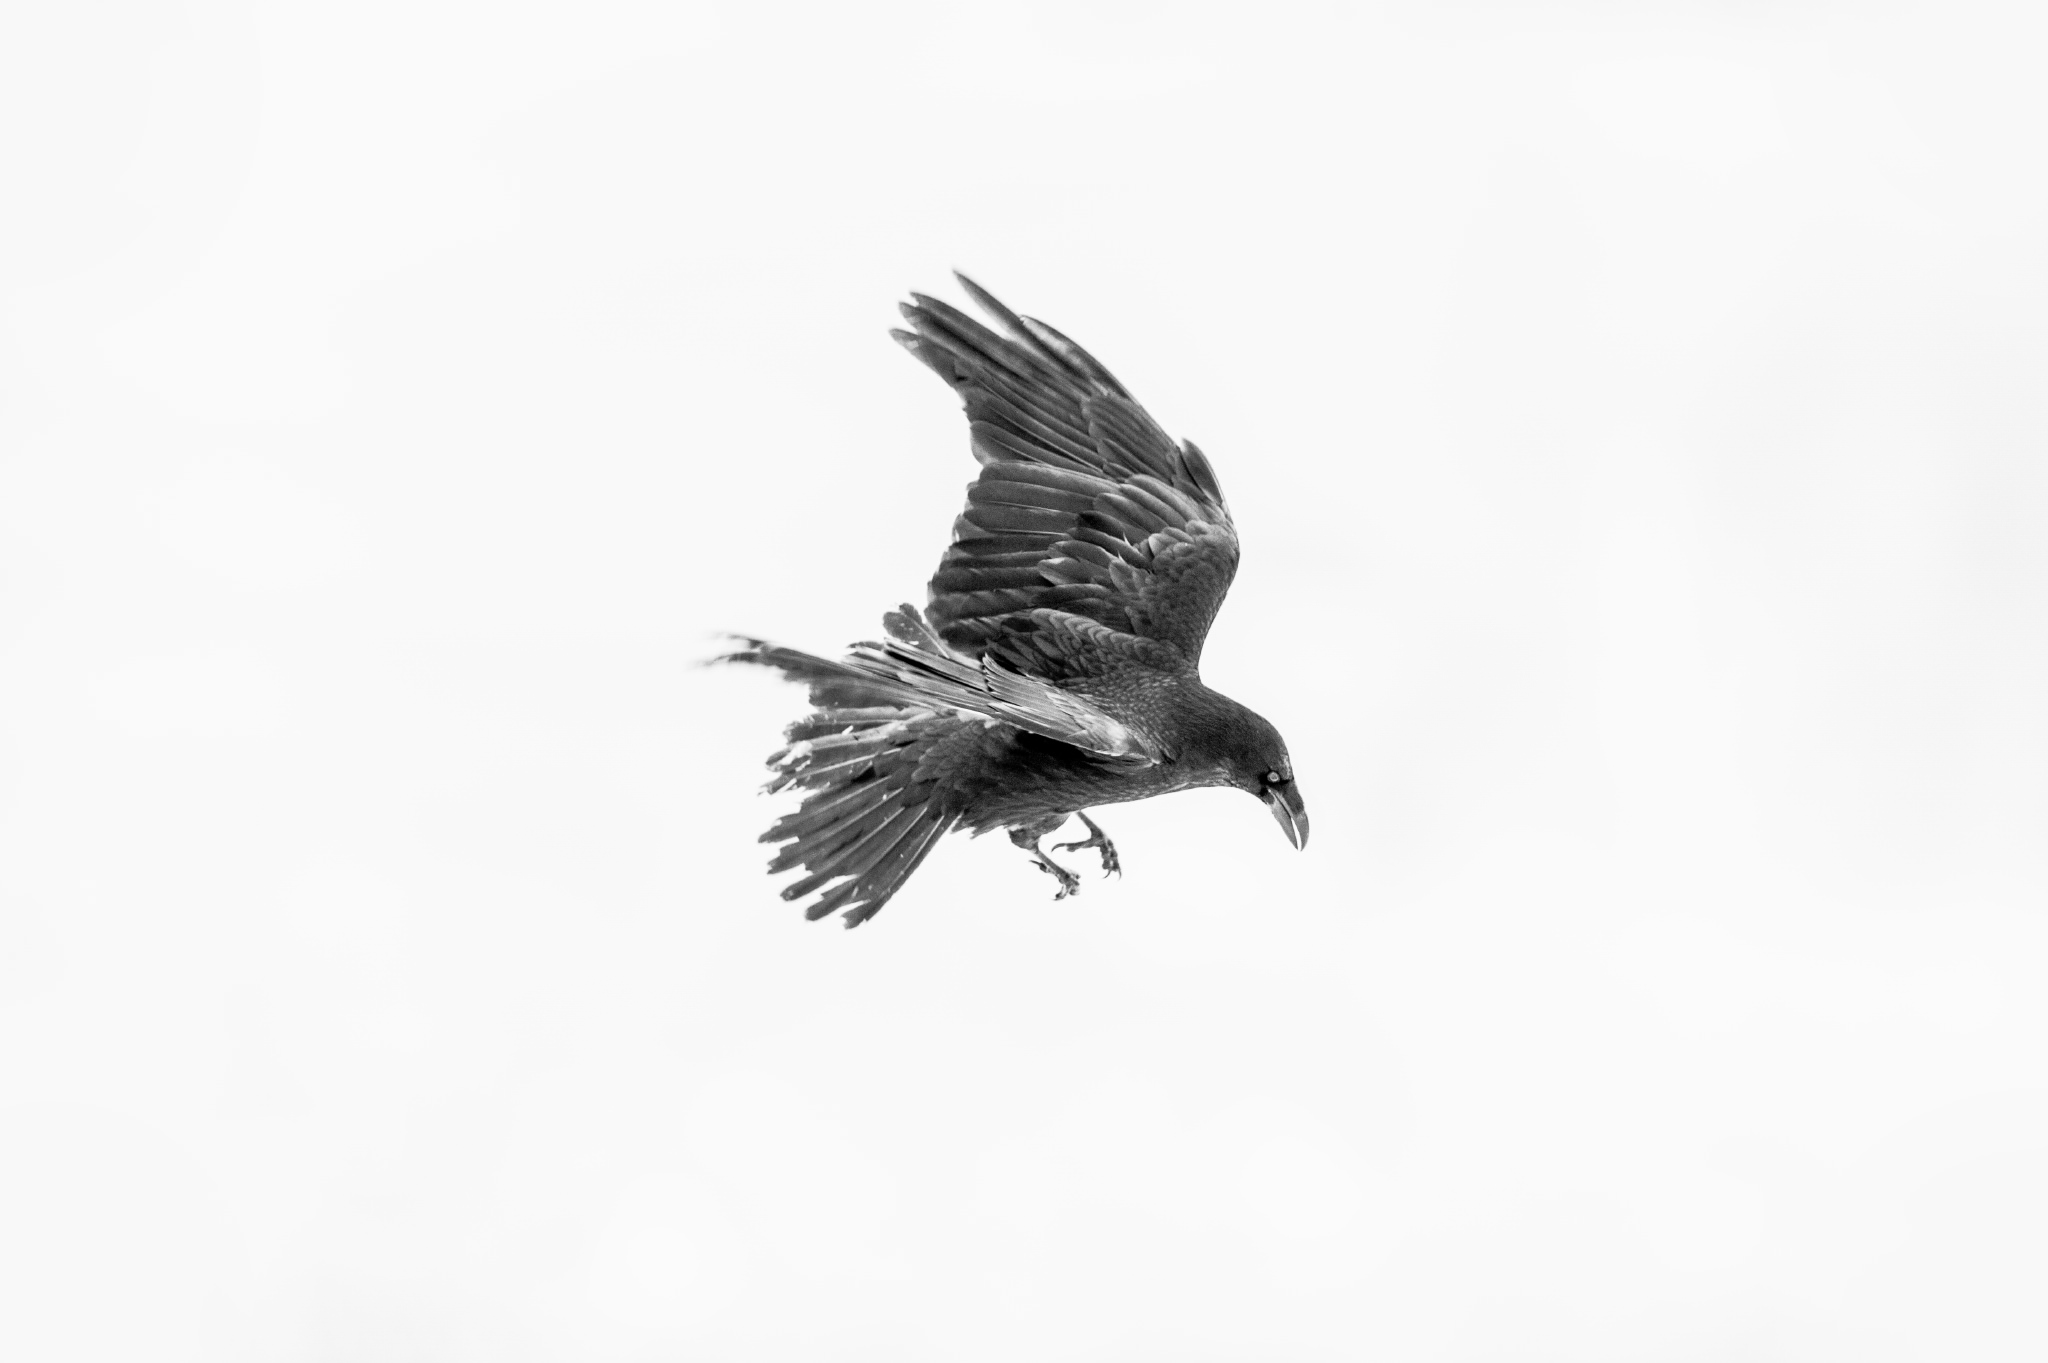 Radek kazmierczak fotografia przyrodnicza bieszczady ptaki zdjecia na sciane bieszczady obrazy wall decor zdjecia ramce na sciane bieszczady photogrpahy zakup kupno kupie